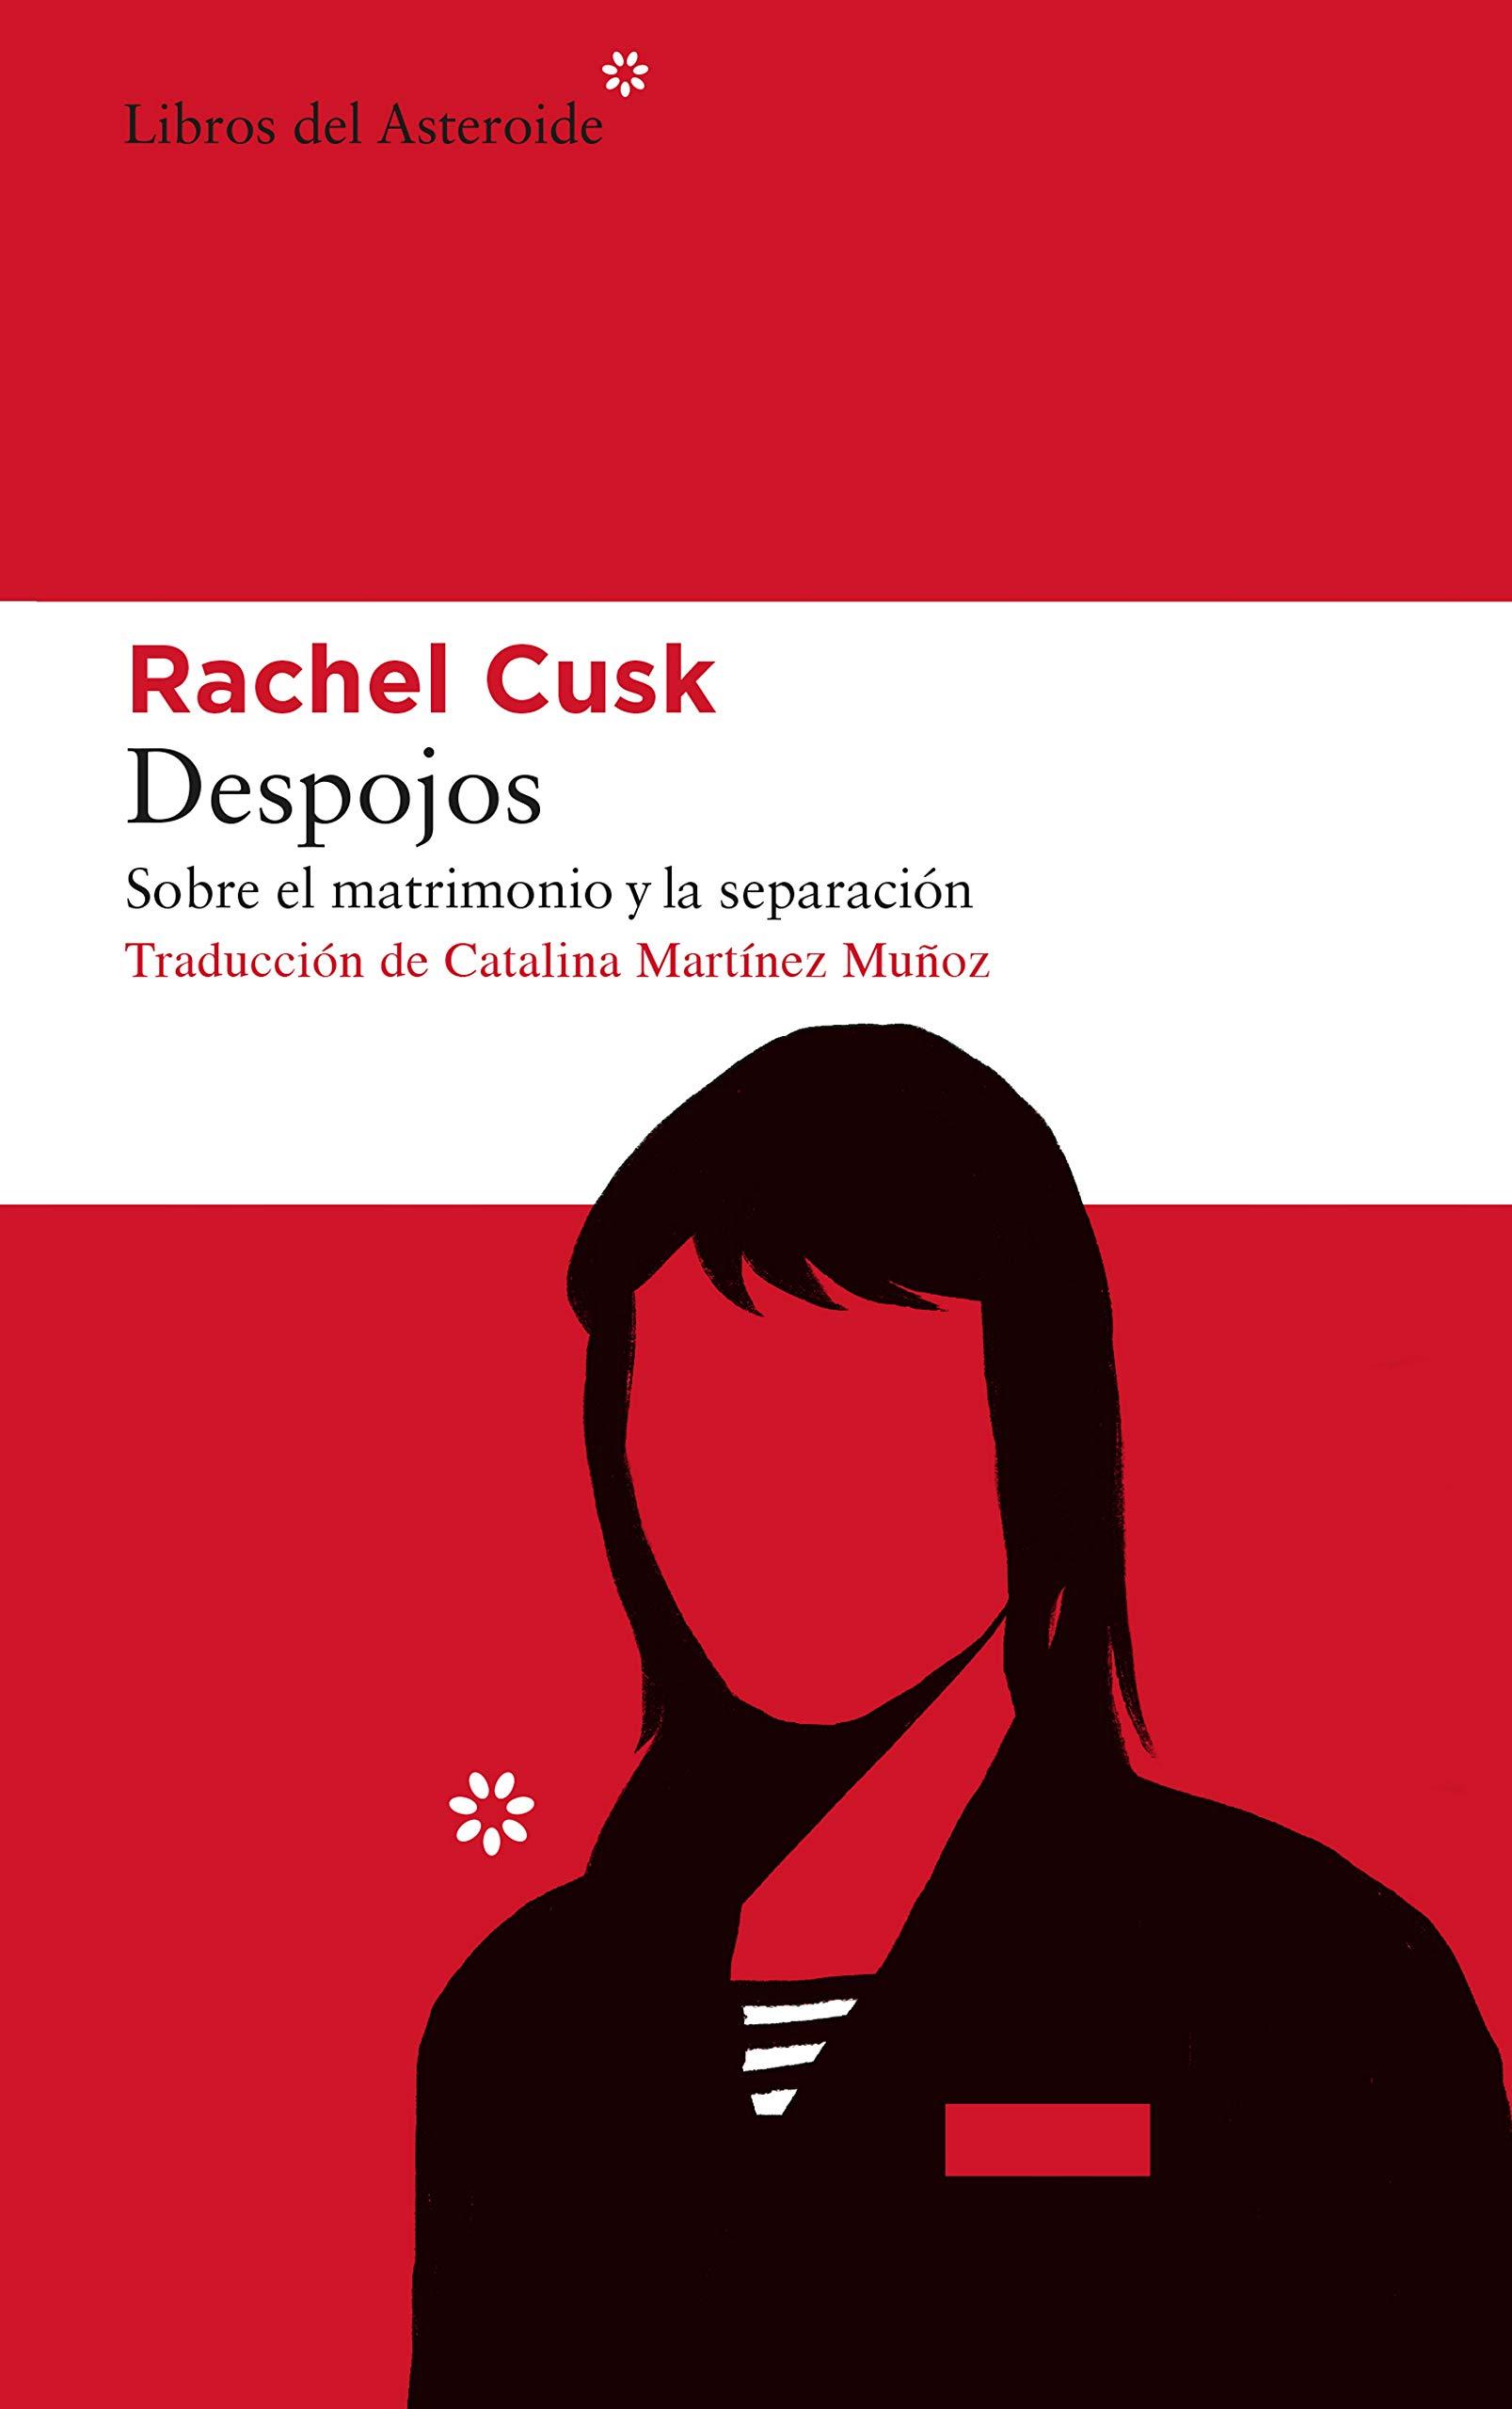 Despojos: Sobre el matrimonio y la separación (Libros del Asteroide nº 238) por Rachel Cusk